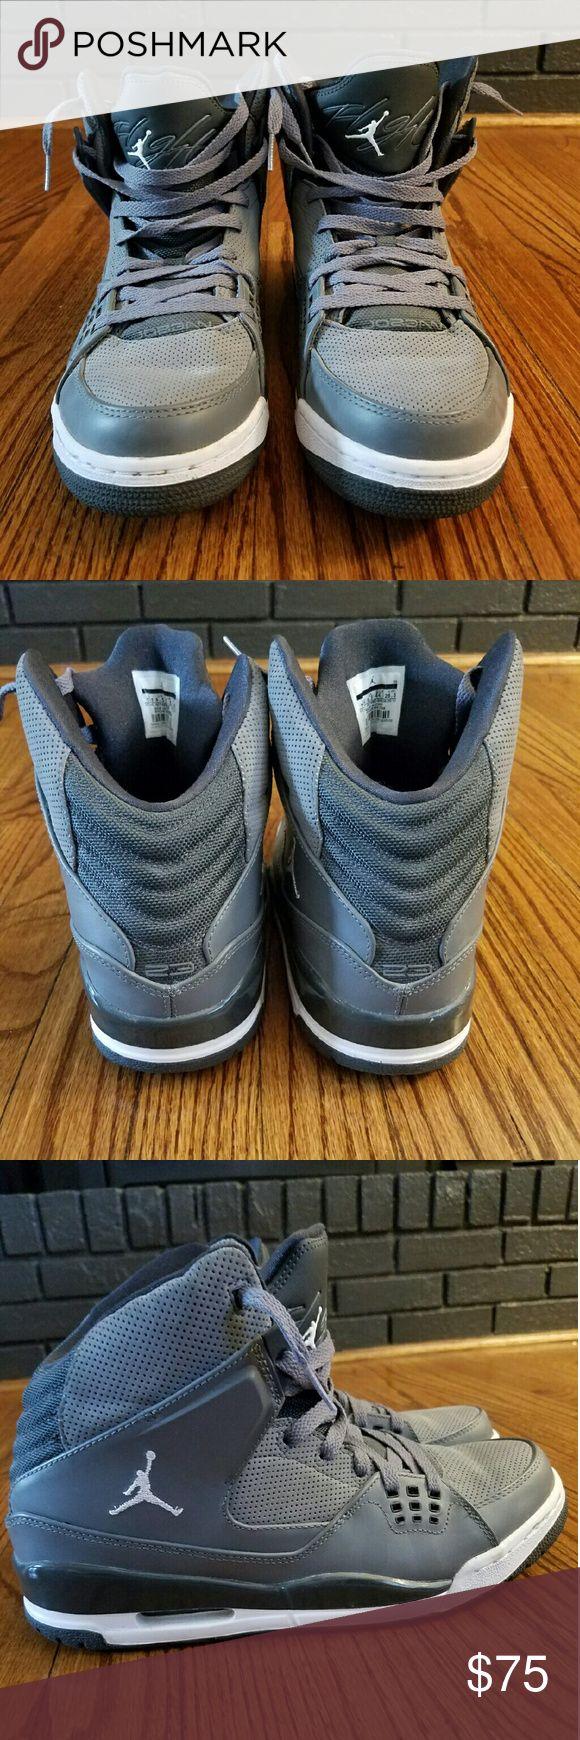 Mens Flight Jordans Sneakers Grey Flight Jordans. Size 10.5. In excellent condition! Grey/Grey. Jordan Shoes Sneakers